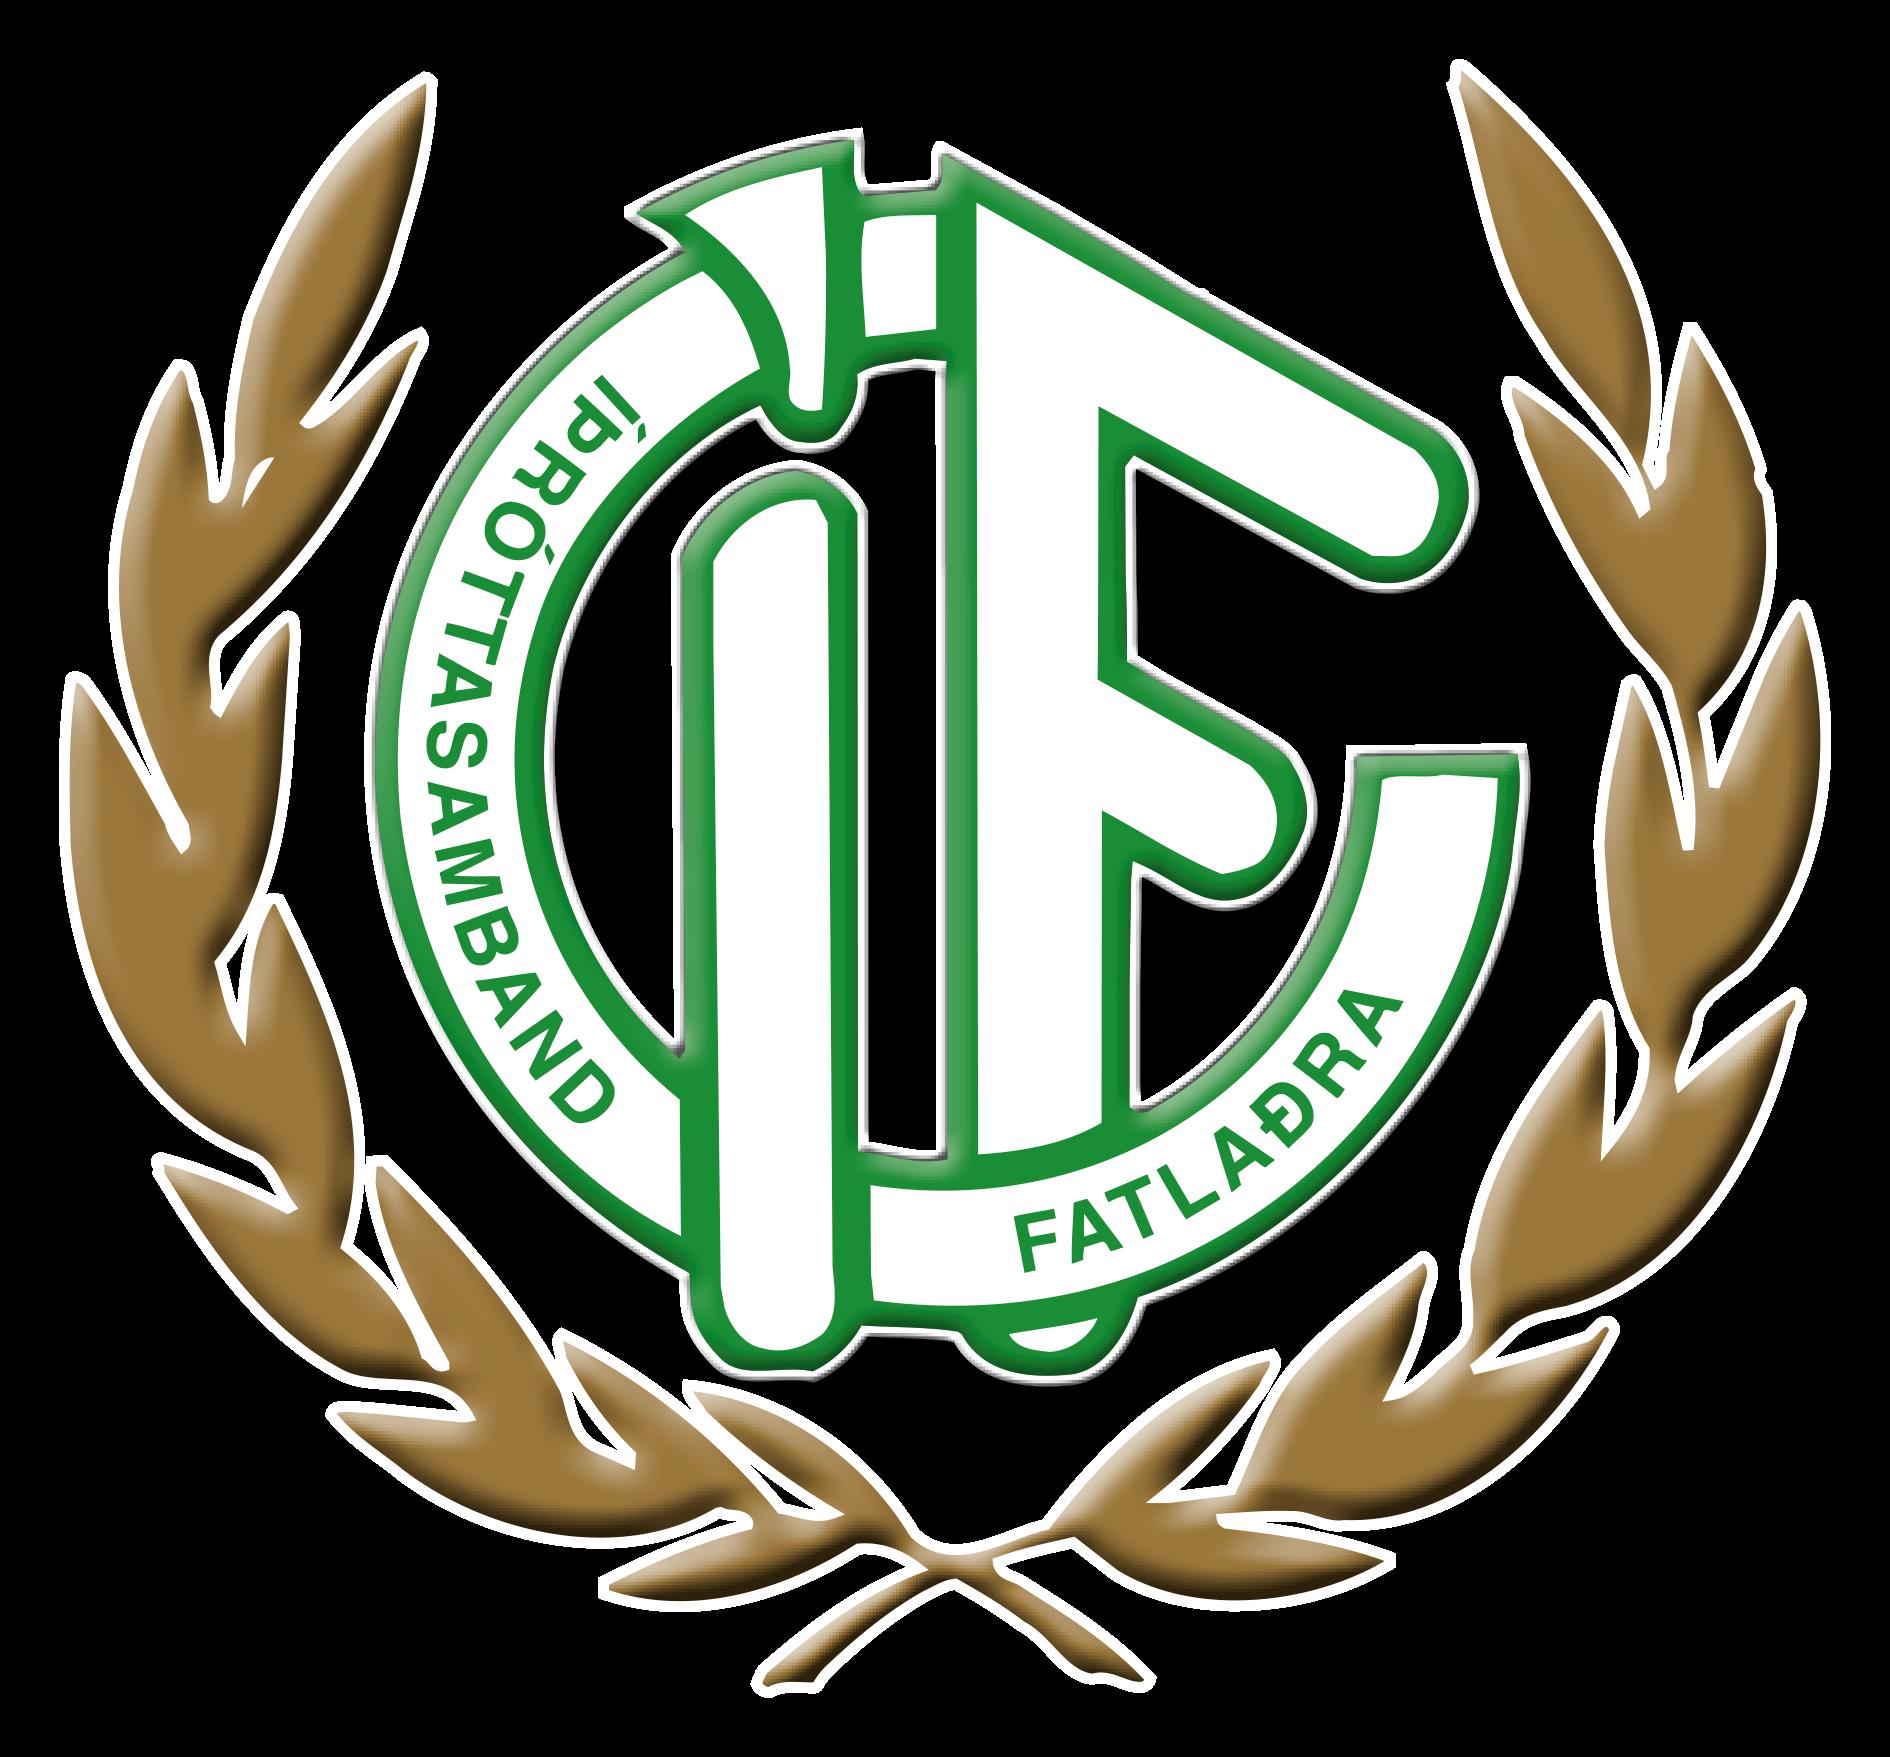 if-logo-des-2014